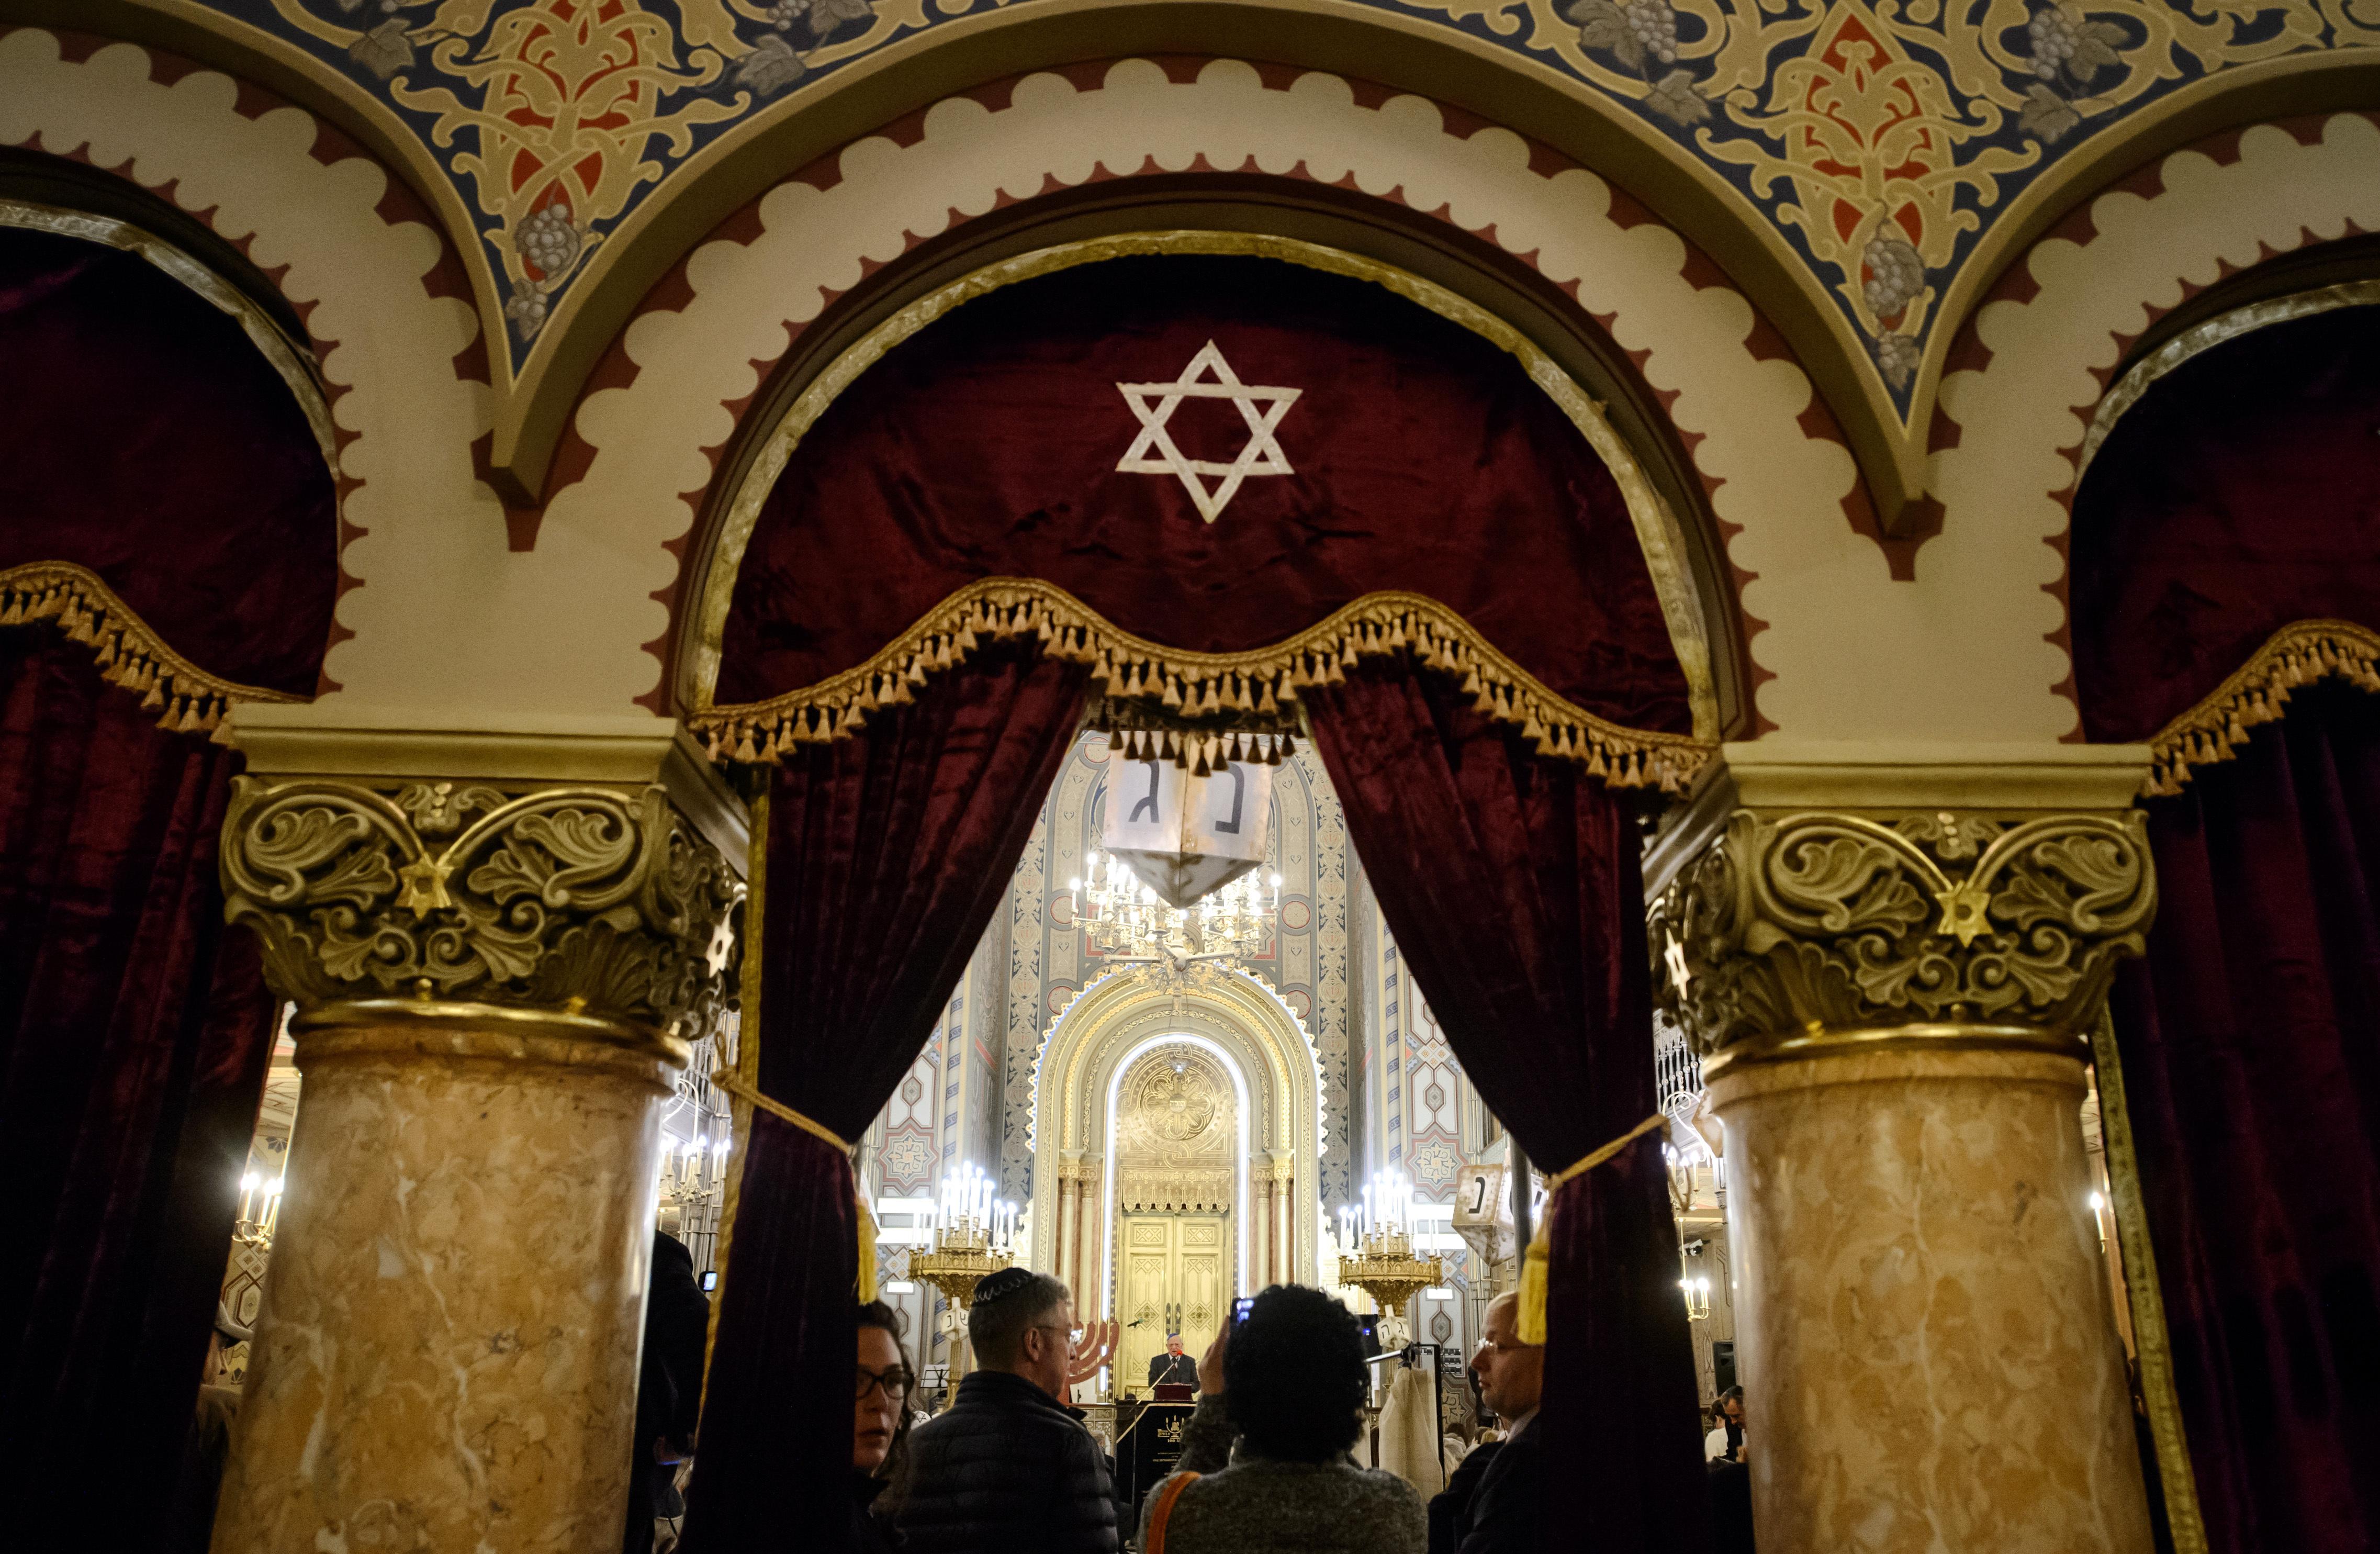 Preşedintele Federaţiei Comunităţilor Evreieşti va deveni cetăţean de onoare al Capitalei